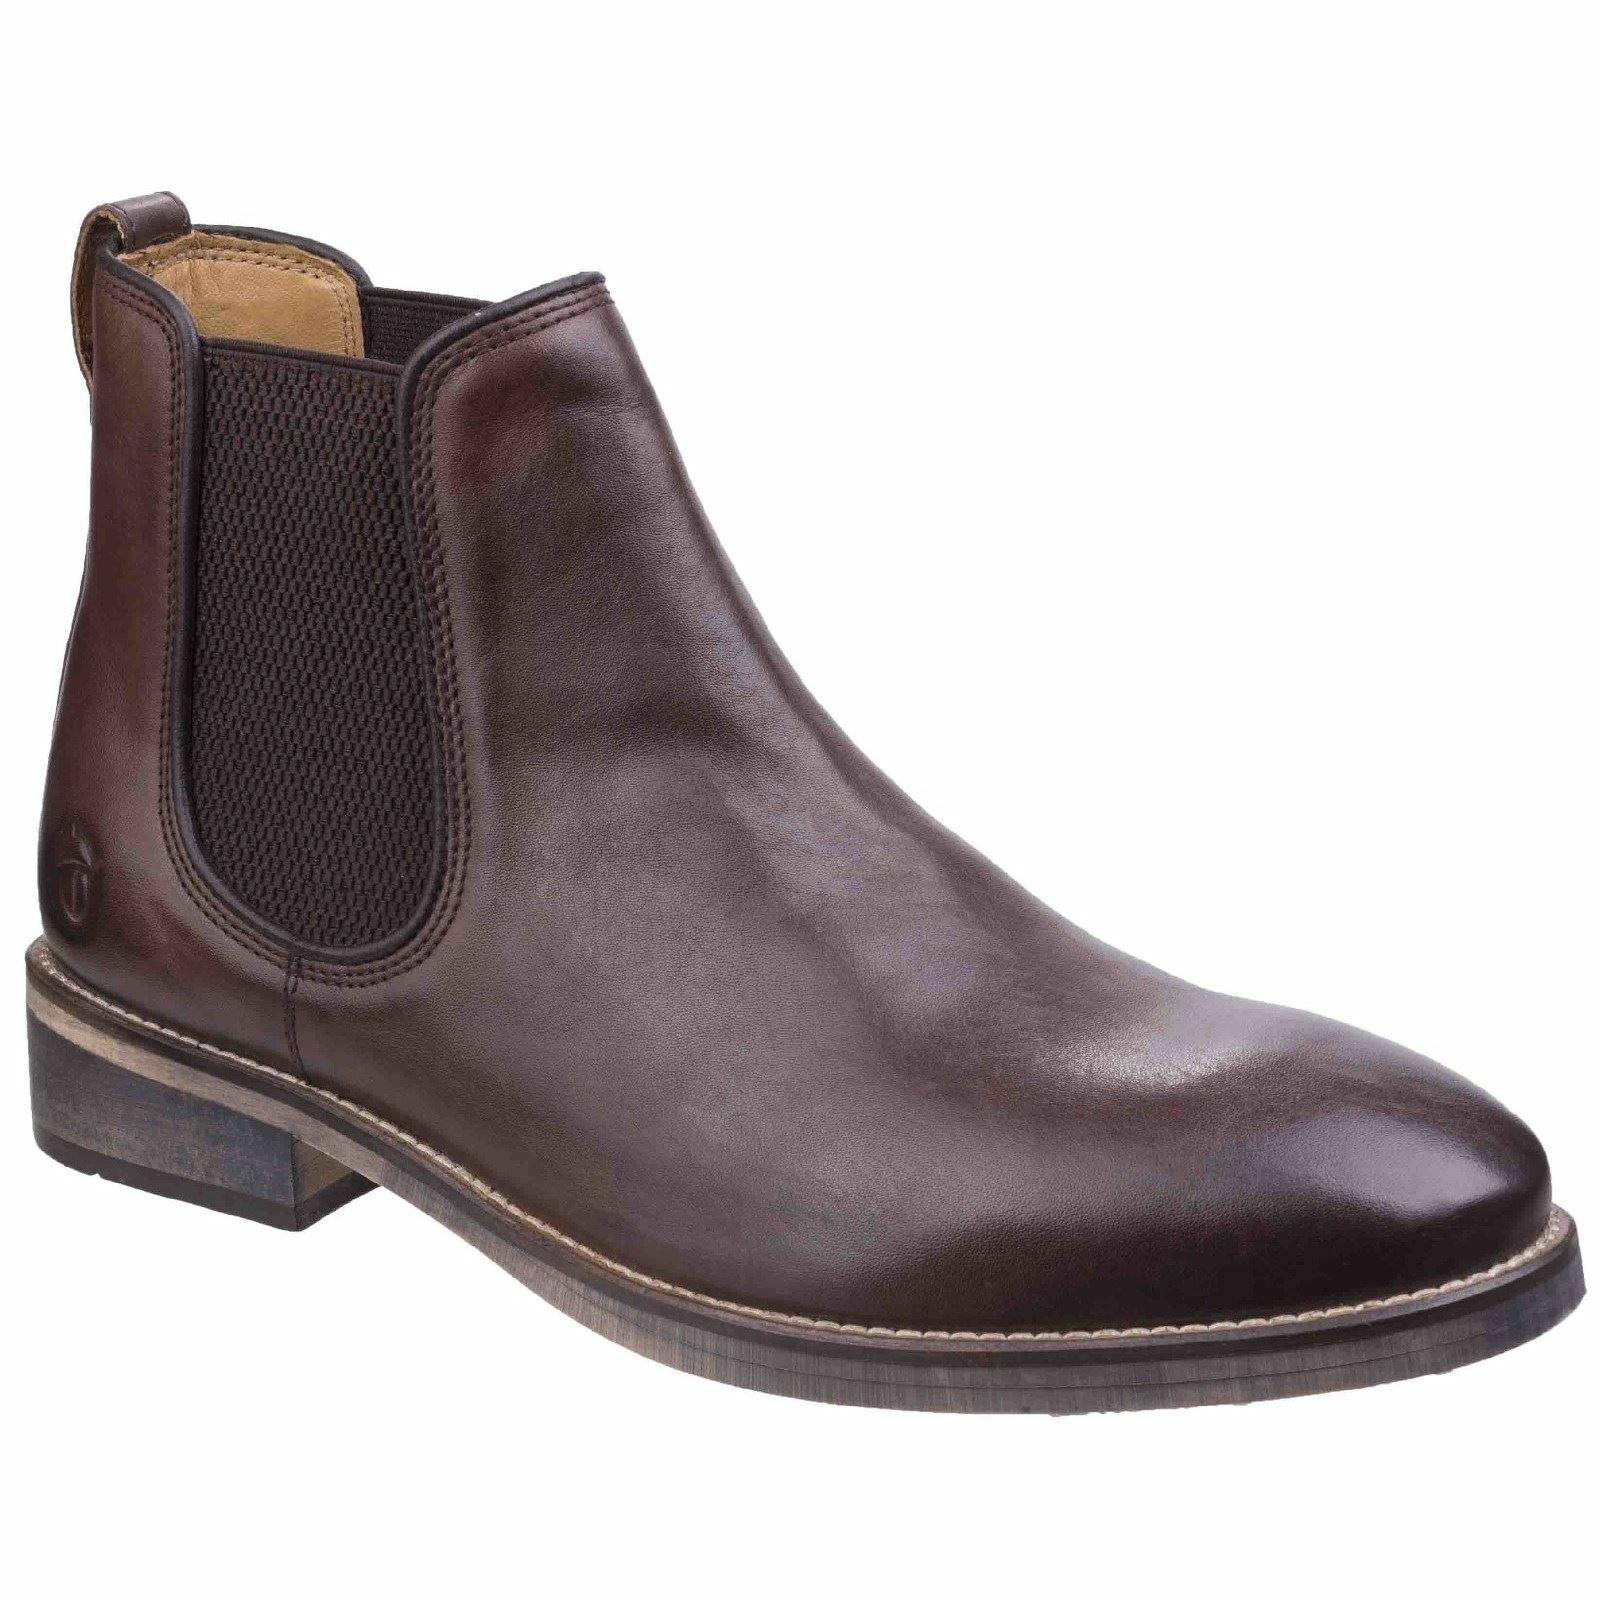 Cotswold Corsham botas De Cuero Marrón Oscuro para Hombre